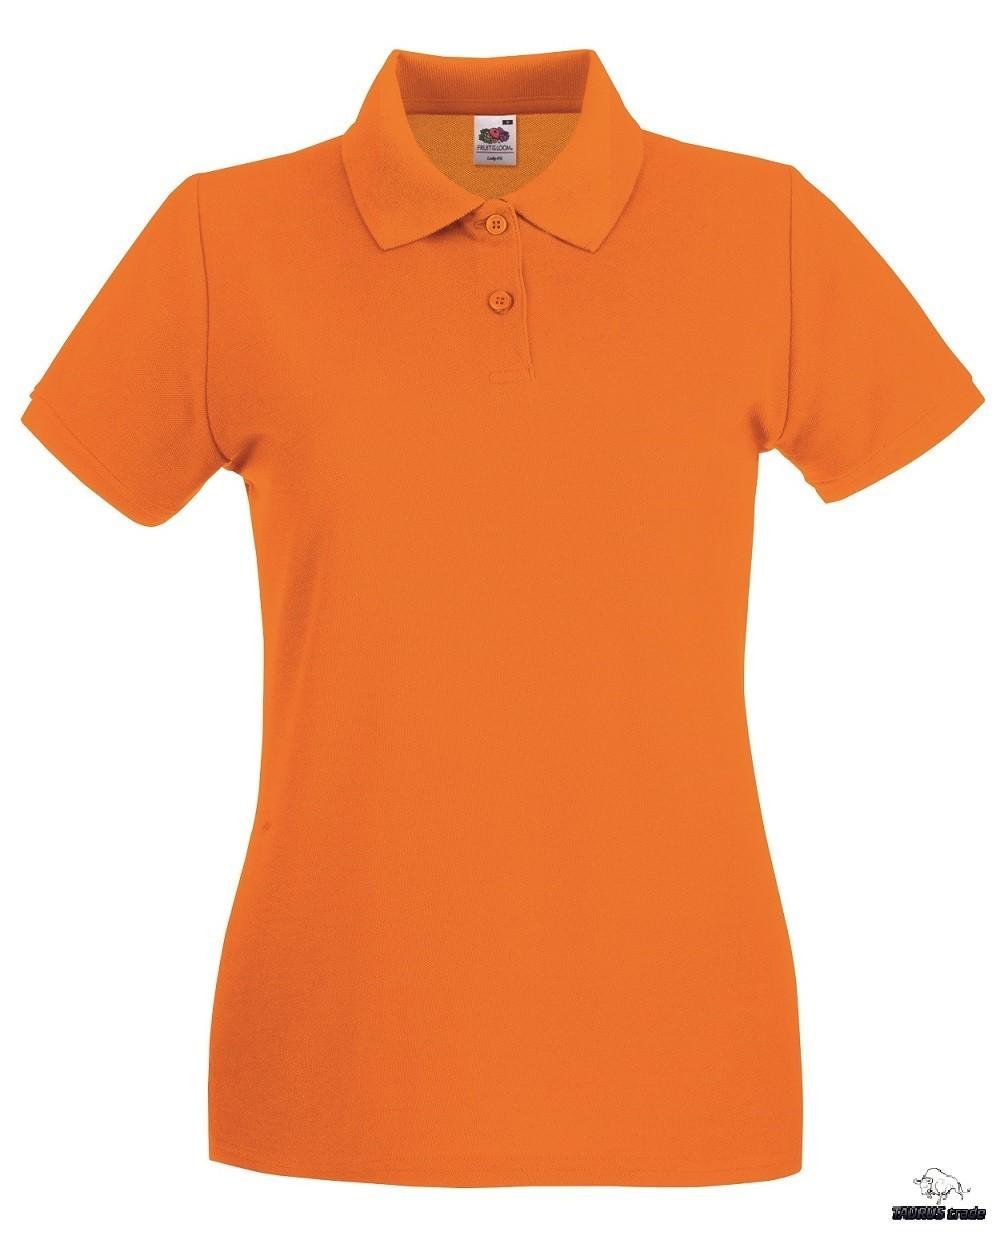 63-030-orange